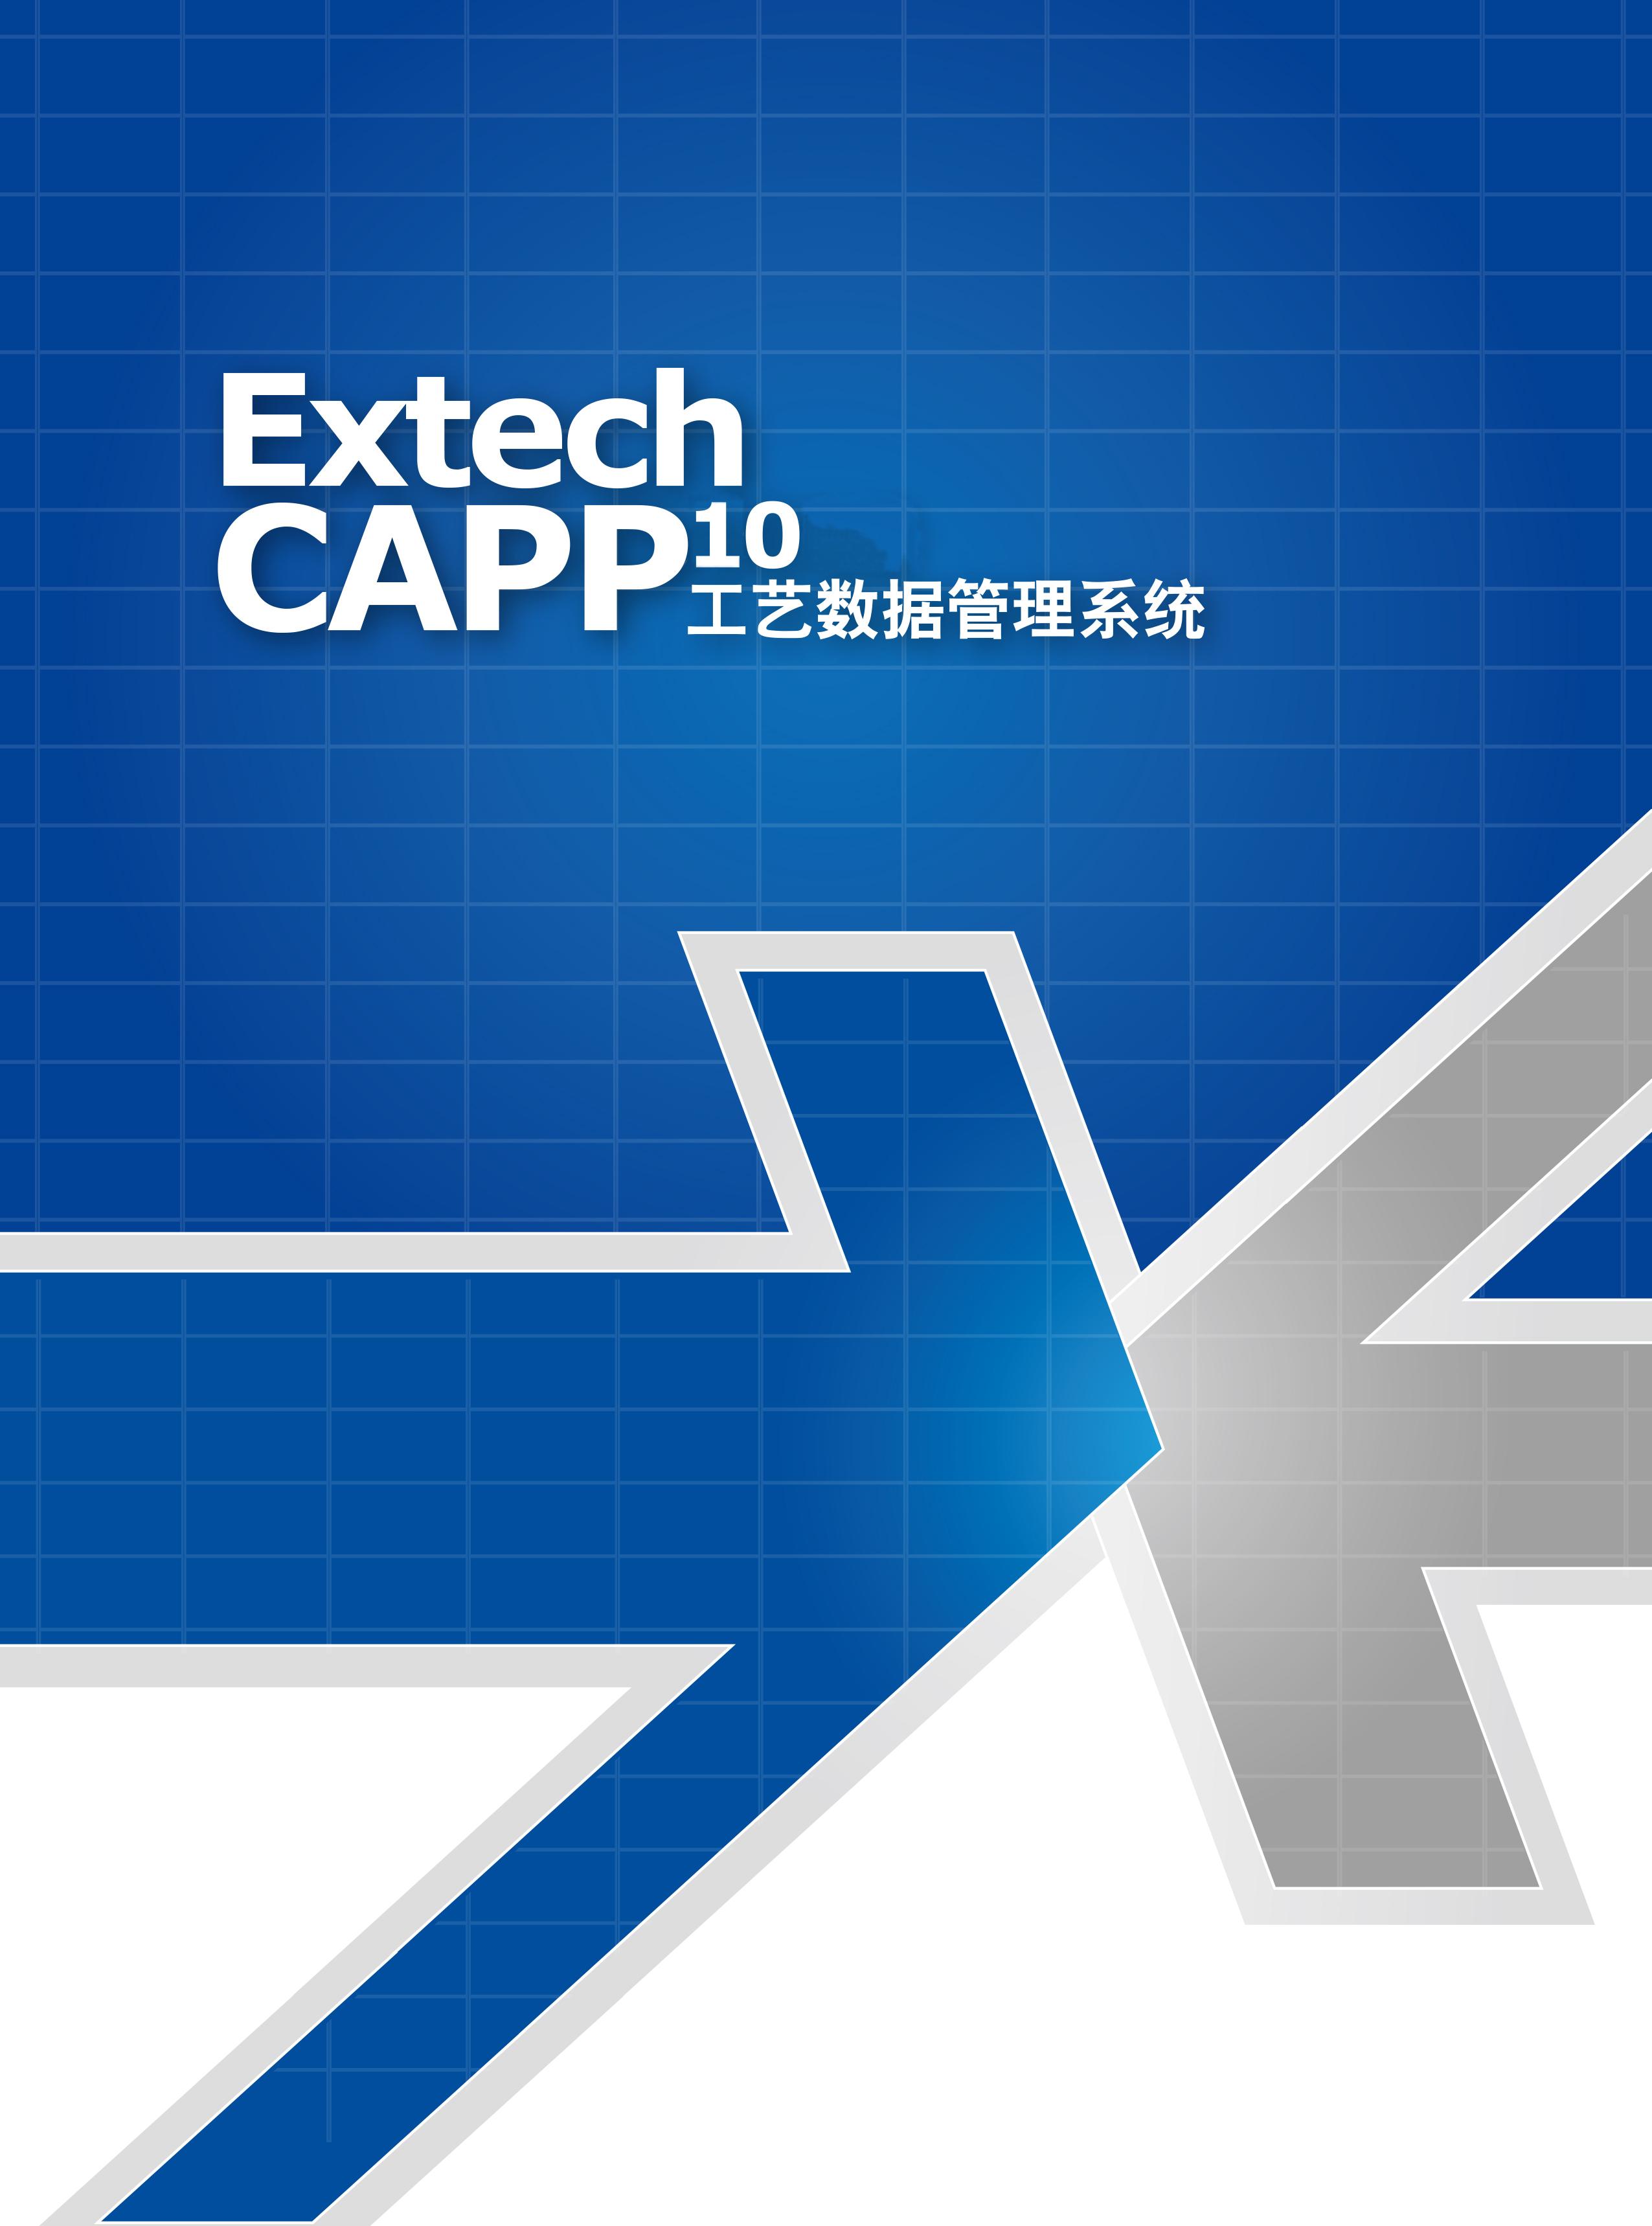 Extech-CAPP10